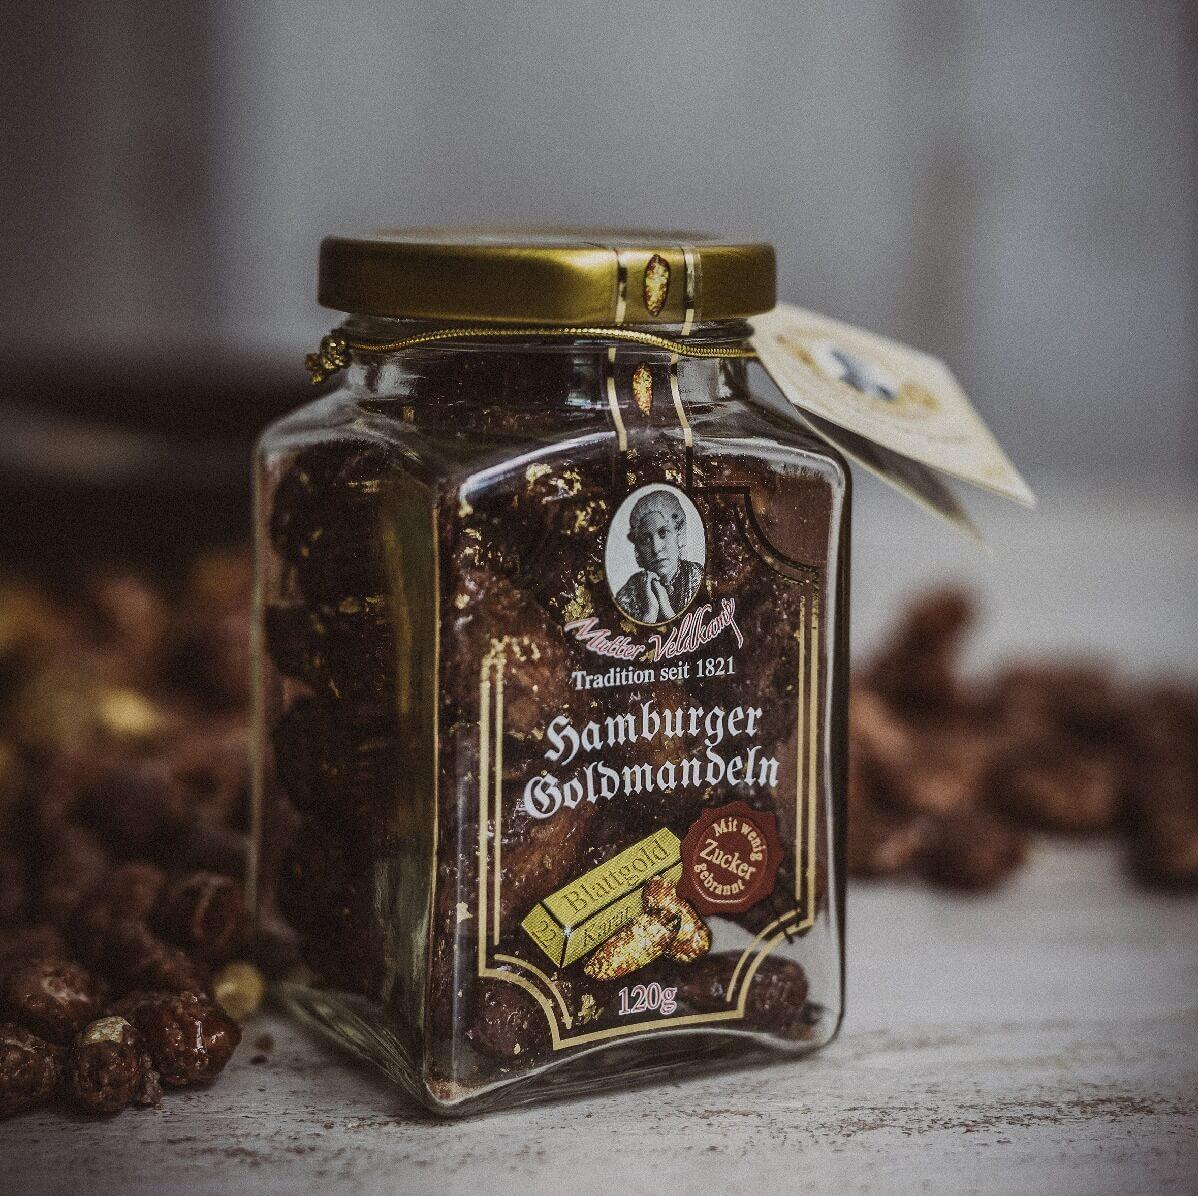 MutterVeldkamp-Hamburg-Mutter-Veldkamp-Hamburger-Goldmandeln-gebrannte-Nüsse-blattgold-120g-glas-spanische-Bio-Mandeln-Bio-Rohrohrzucker-Vegan-planetbox-duentscheidest